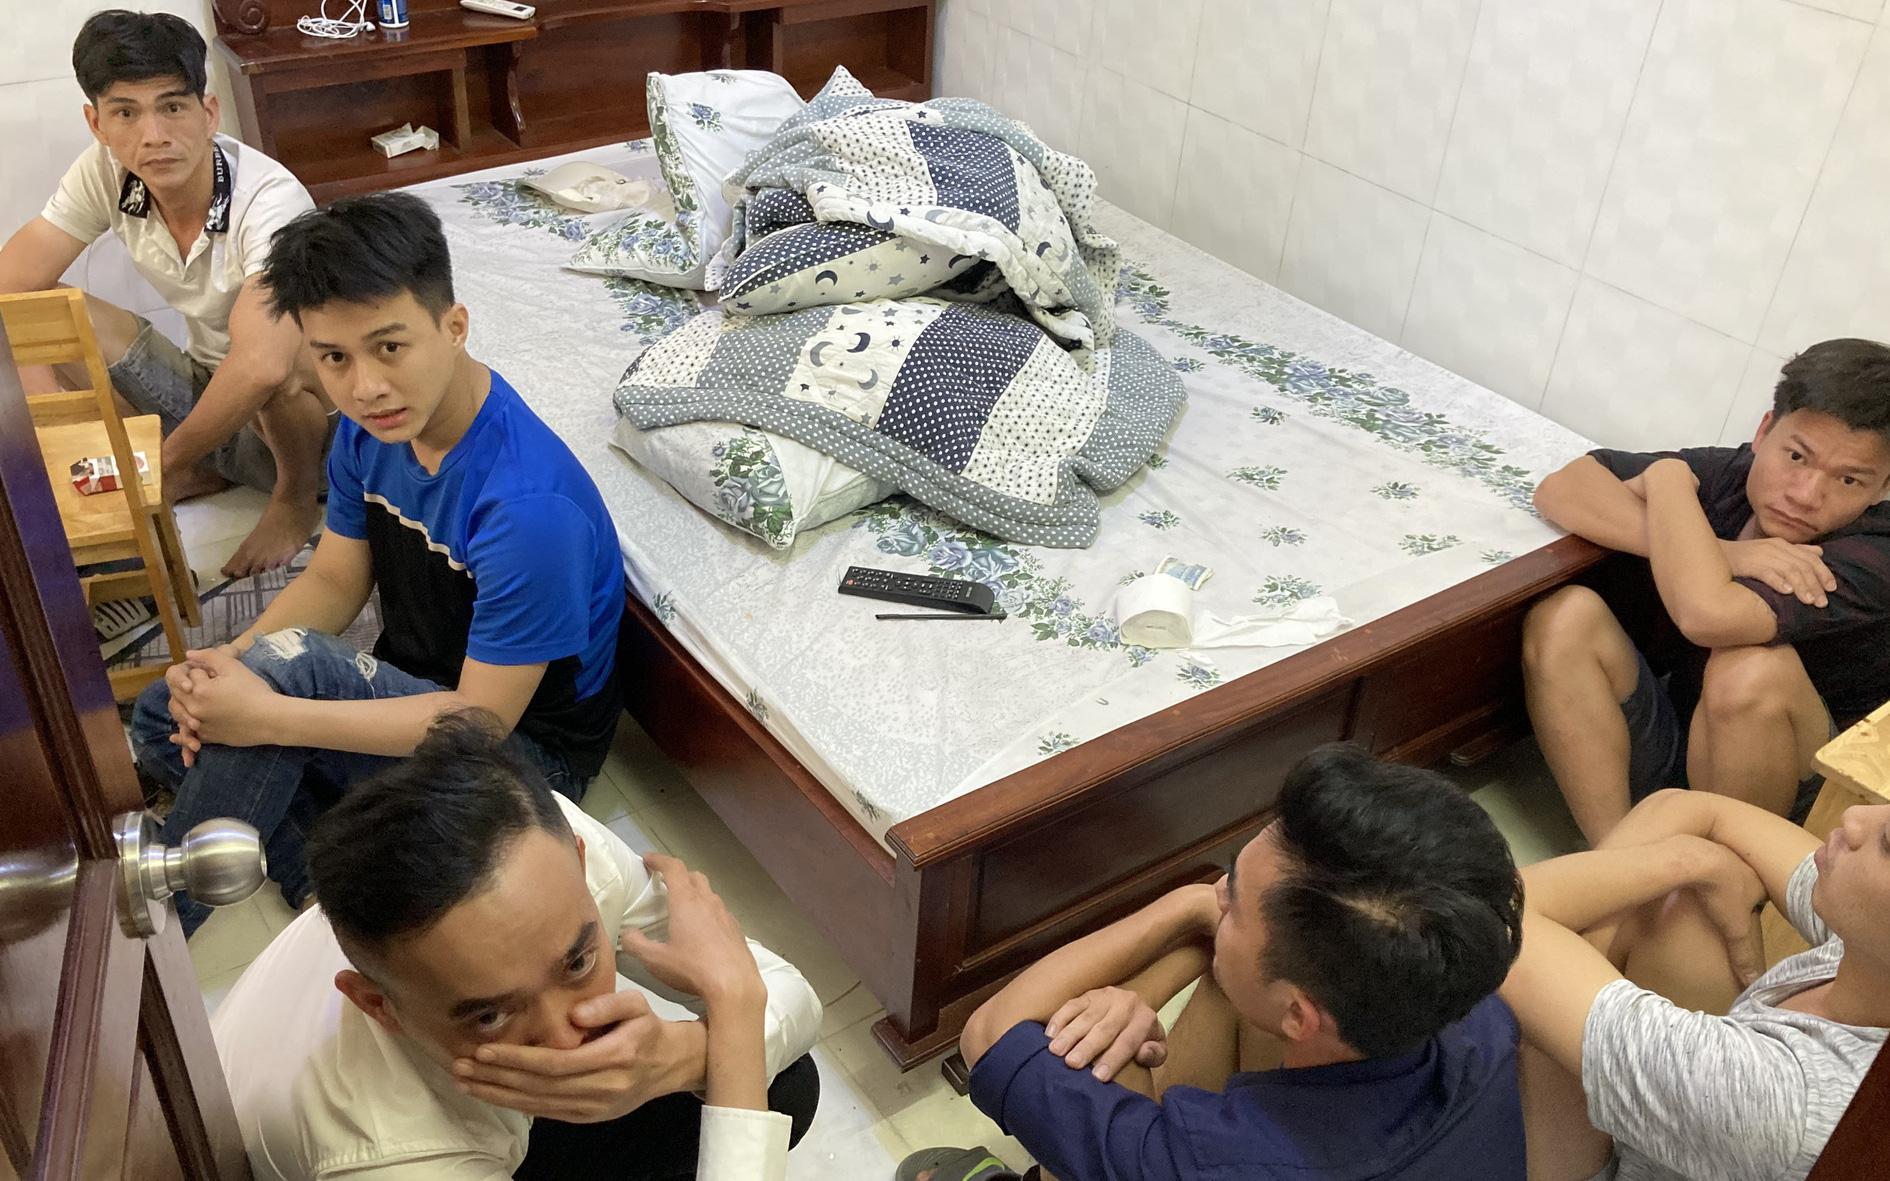 """Phát hiện nhóm """"dân chơi"""" tổ chức phê ma túy tại nhà nghỉ ở Sài Gòn"""